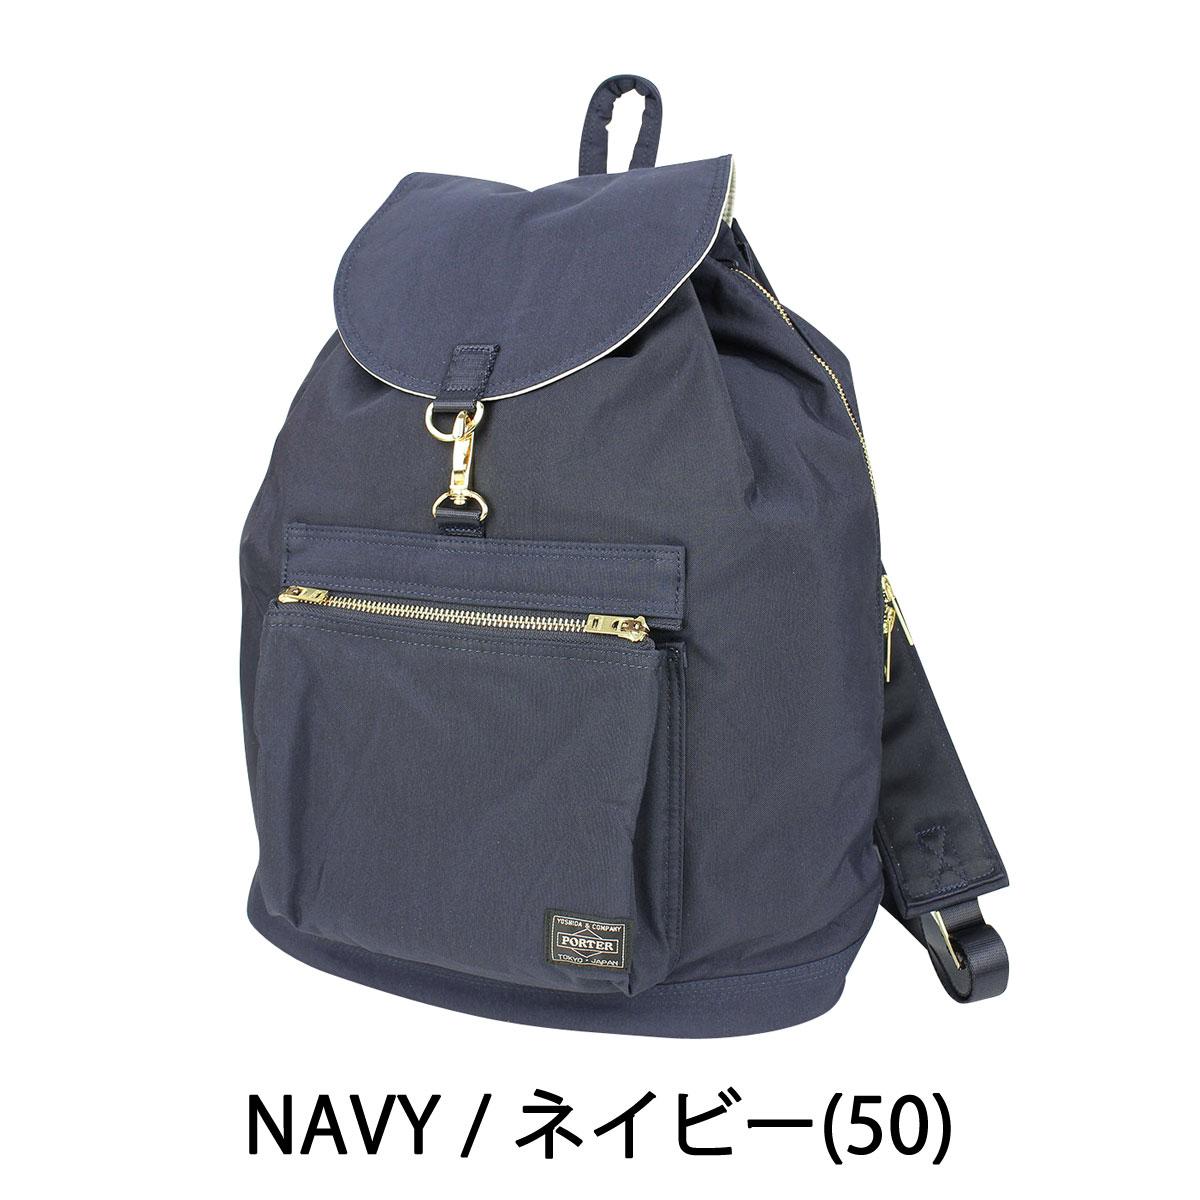 楽天市場 吉田カバン ポーター リュック ポーター ドラフト porter